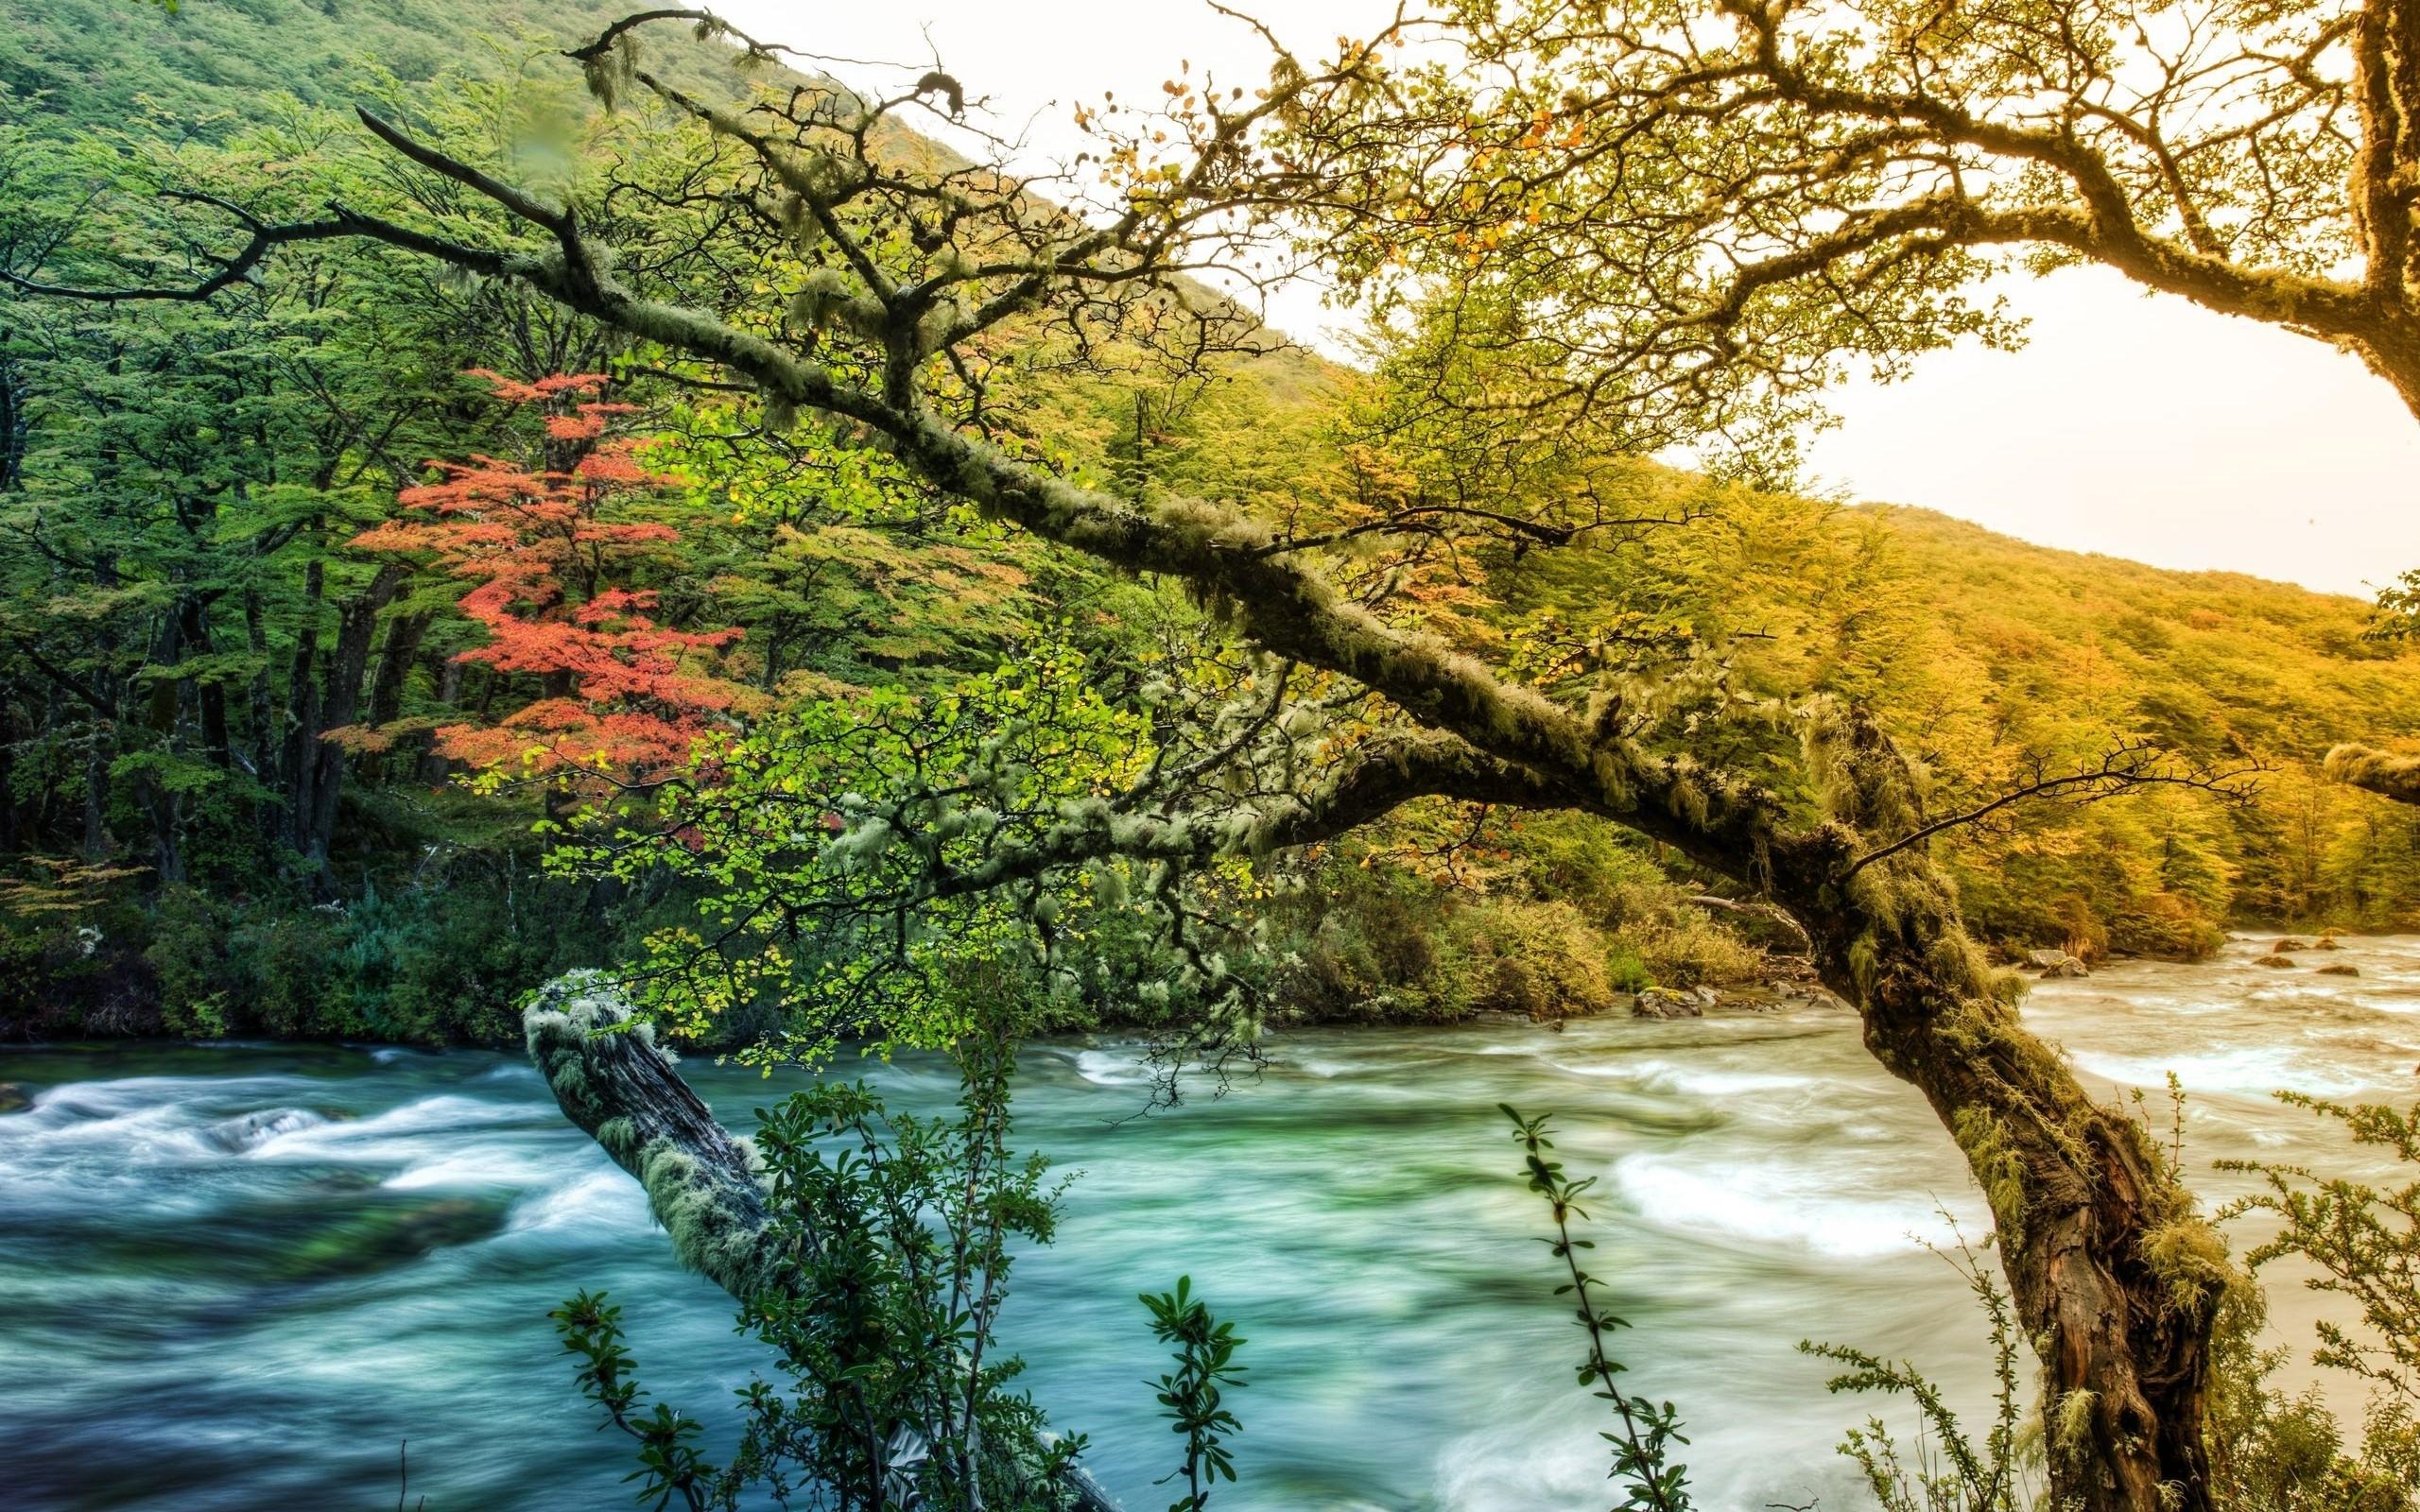 река осень деревья  № 3186356 бесплатно